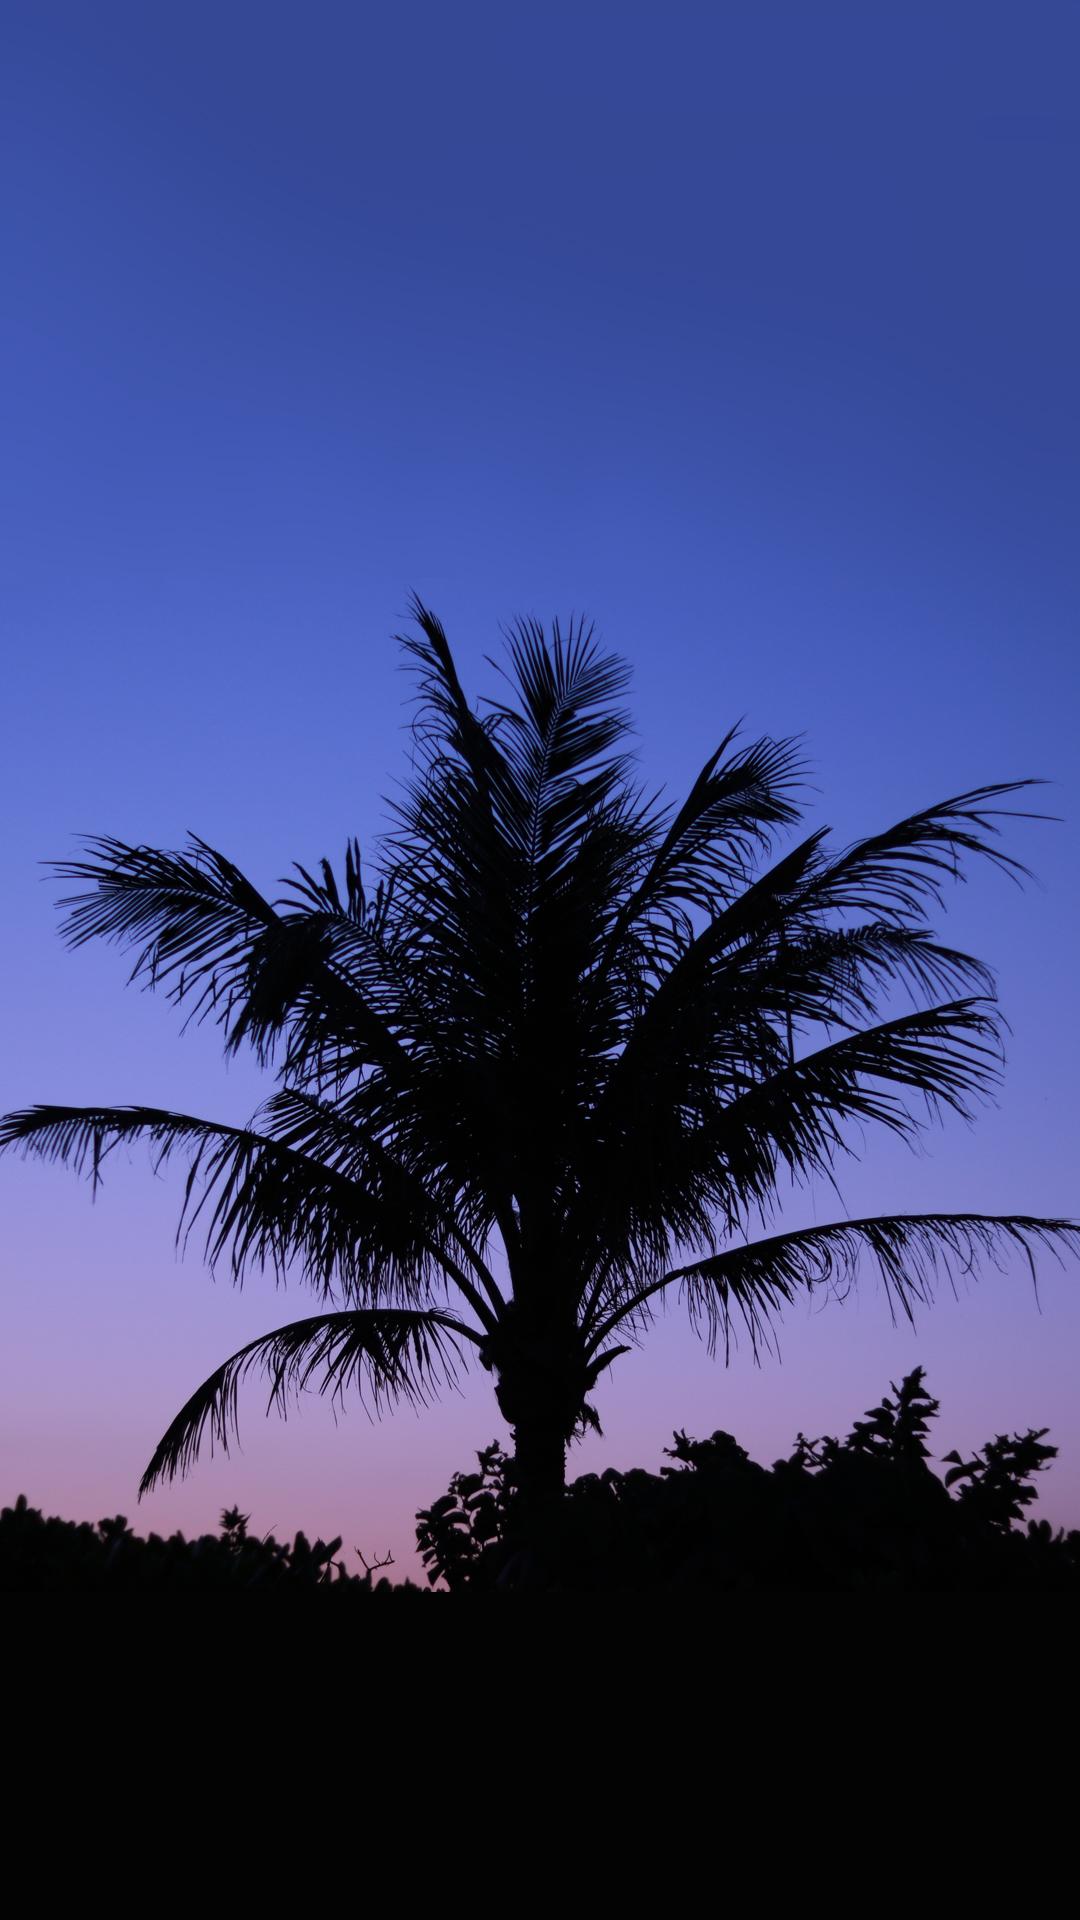 オシャレなiphone壁紙 ヤシの木のシルエットと夕暮れの美しいグラデーションのiphone スマホ 壁紙 おしゃれなフリー写真素材 Girly Drop